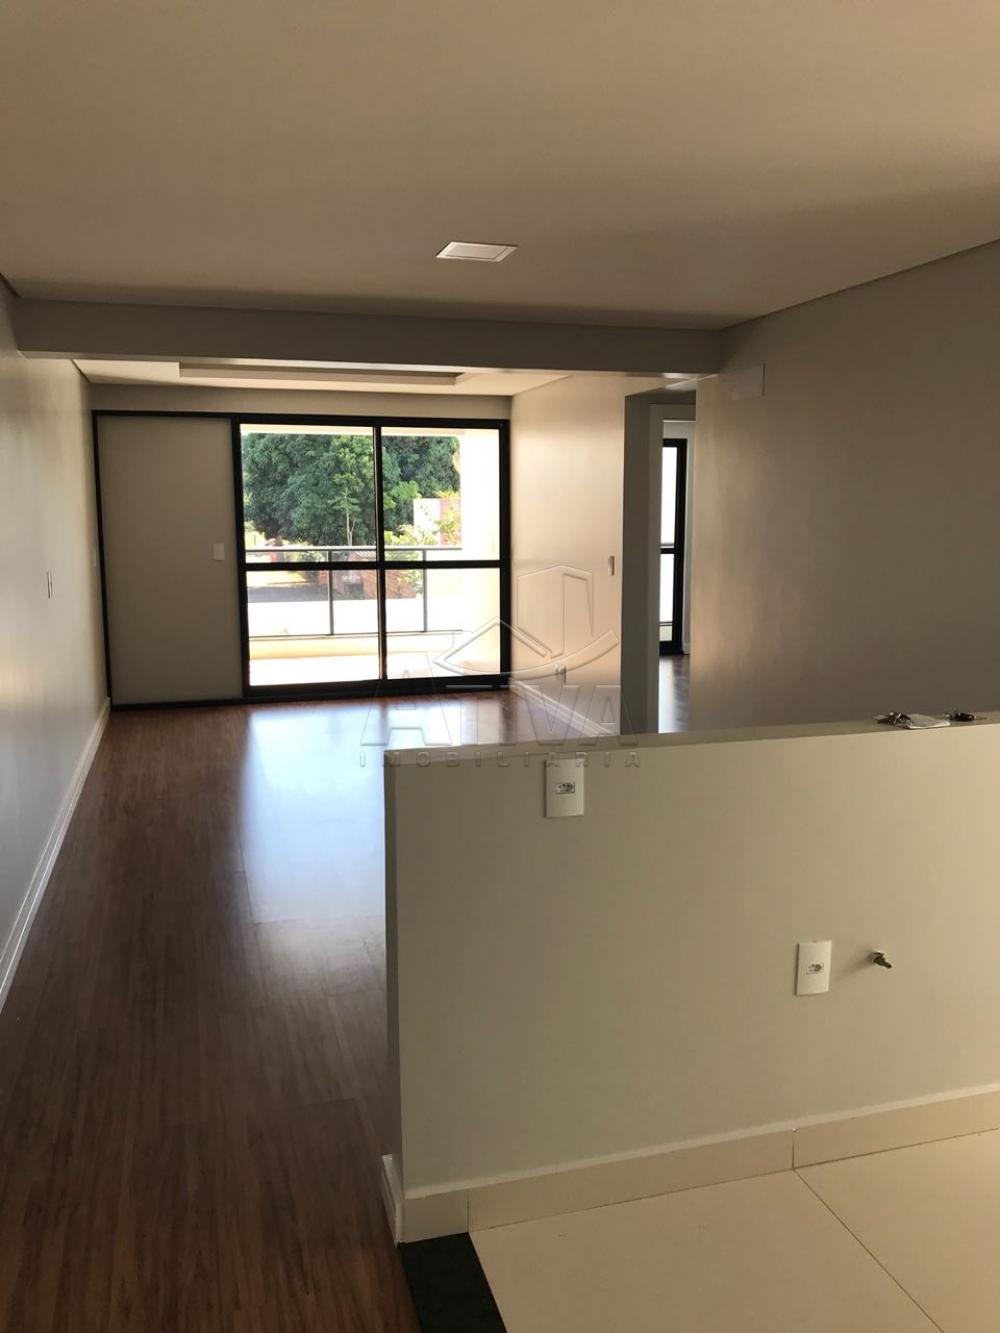 Comprar Apartamento / Padrão em Toledo apenas R$ 470.000,00 - Foto 10